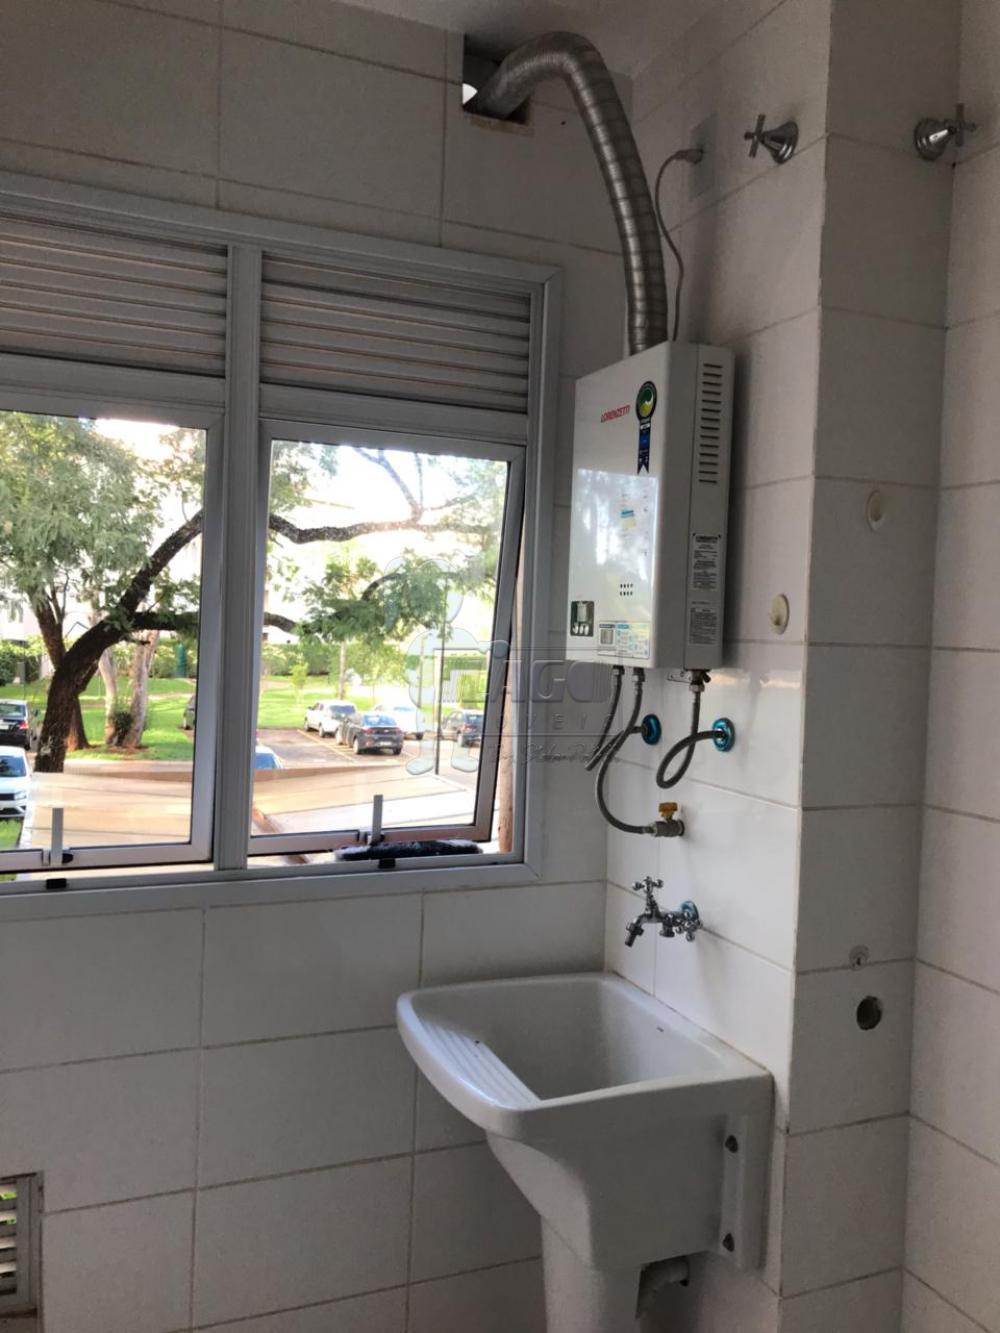 Alugar Apartamento / Padrão em Ribeirão Preto R$ 1.400,00 - Foto 5